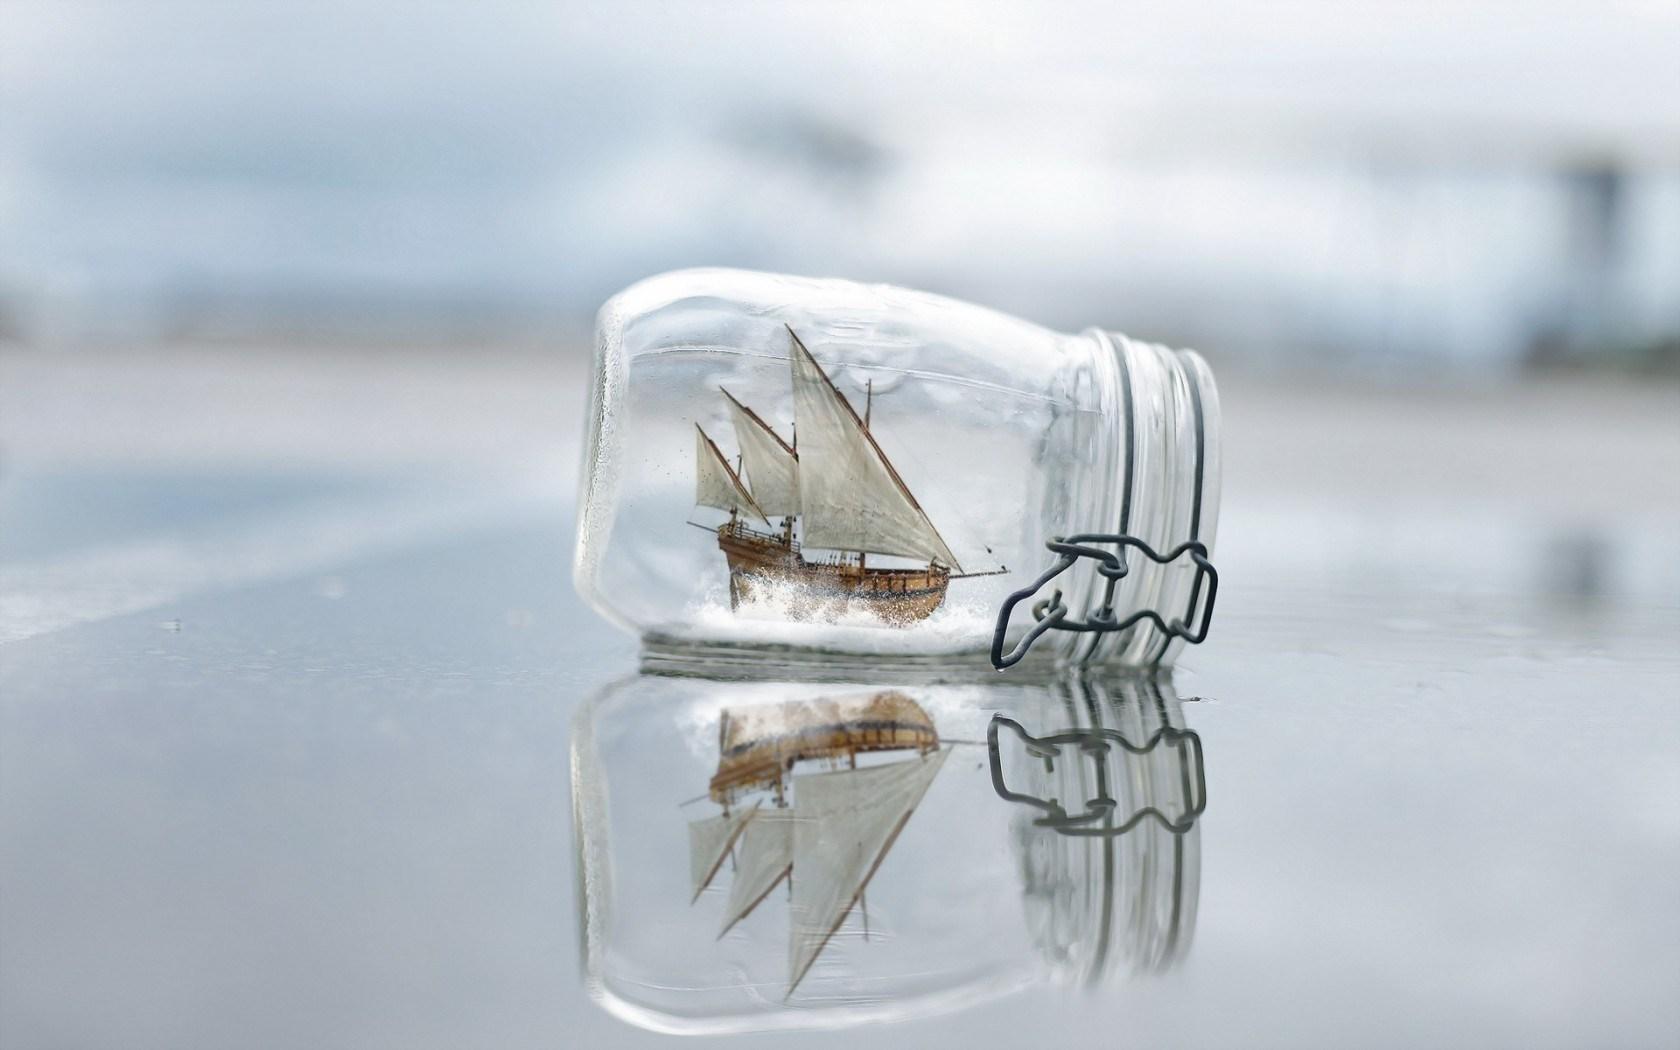 Beach Boat Close-Up